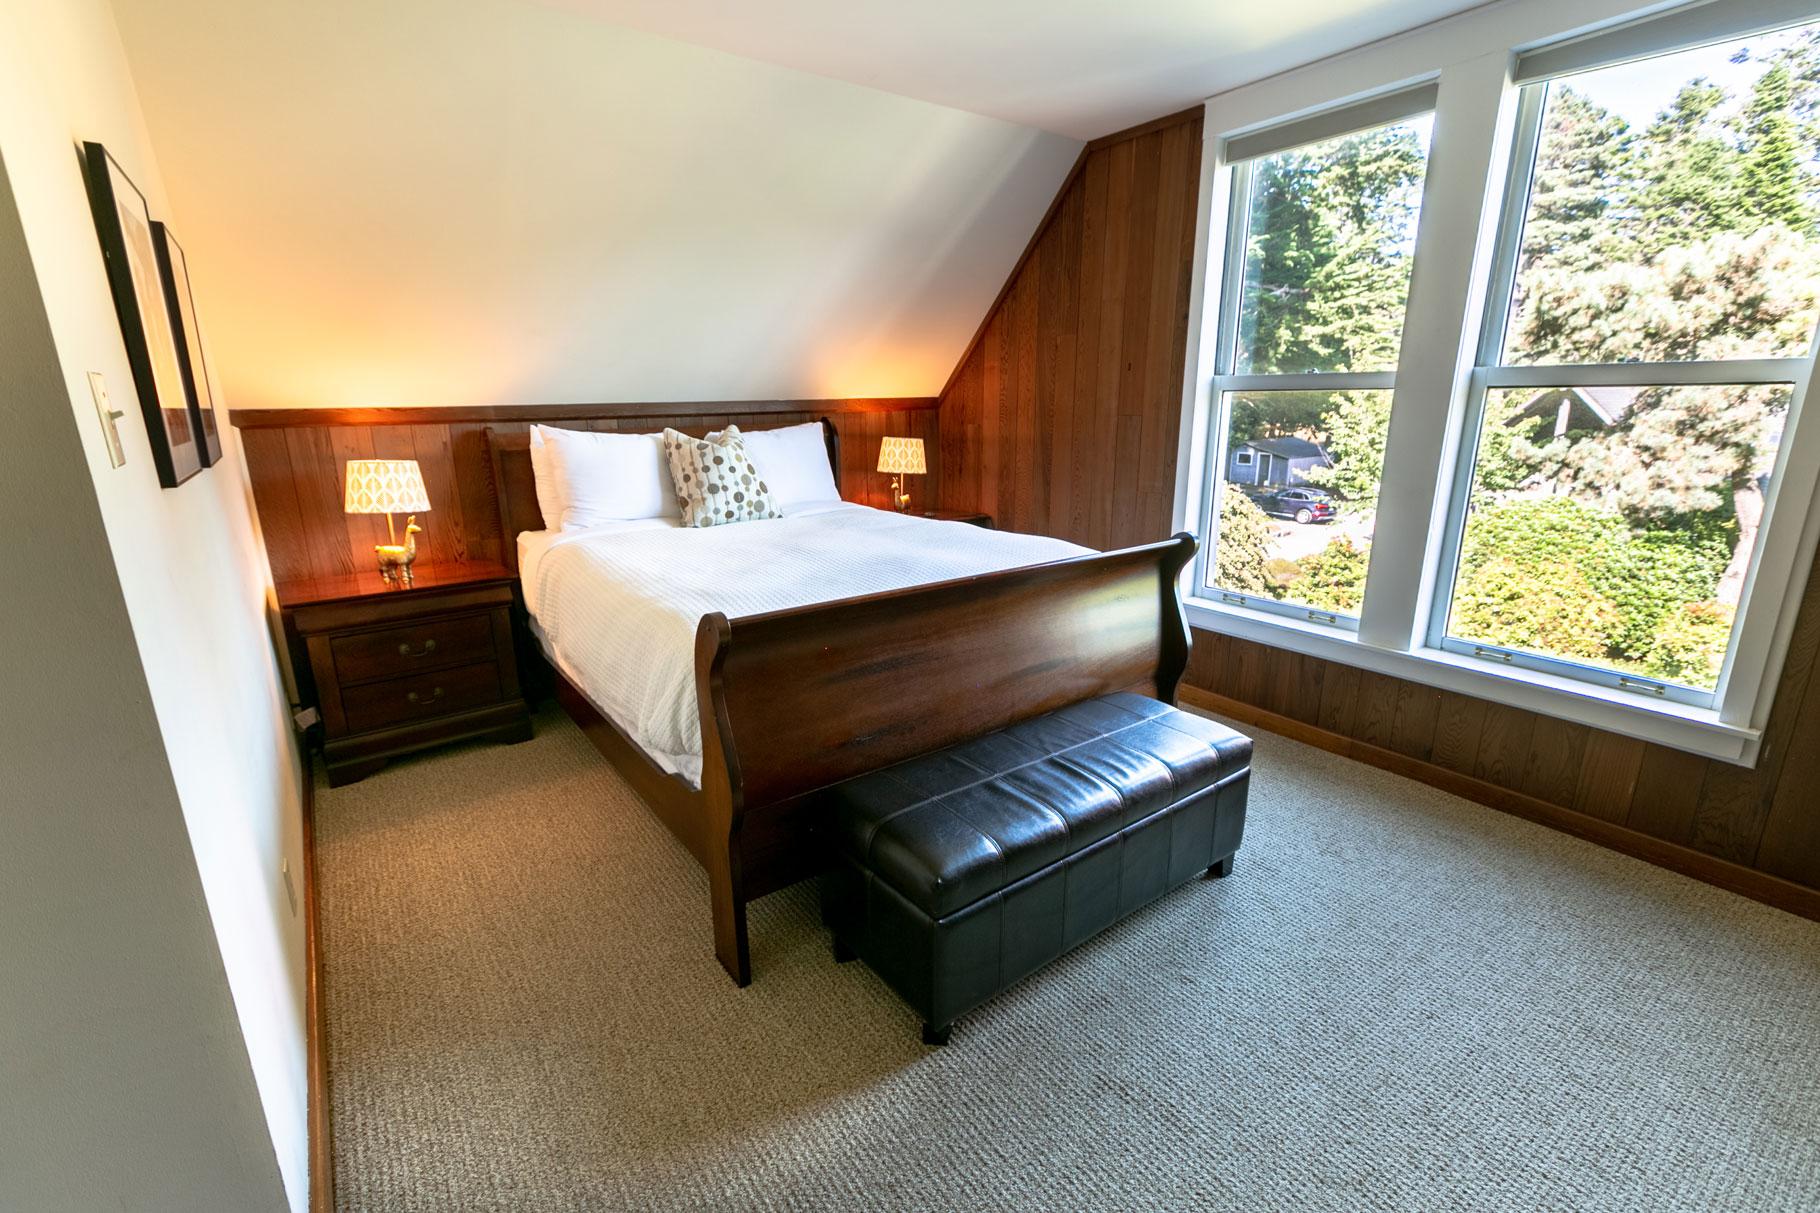 Master Bedroom at the Barn Loft, Glendeven Inn & Lodge